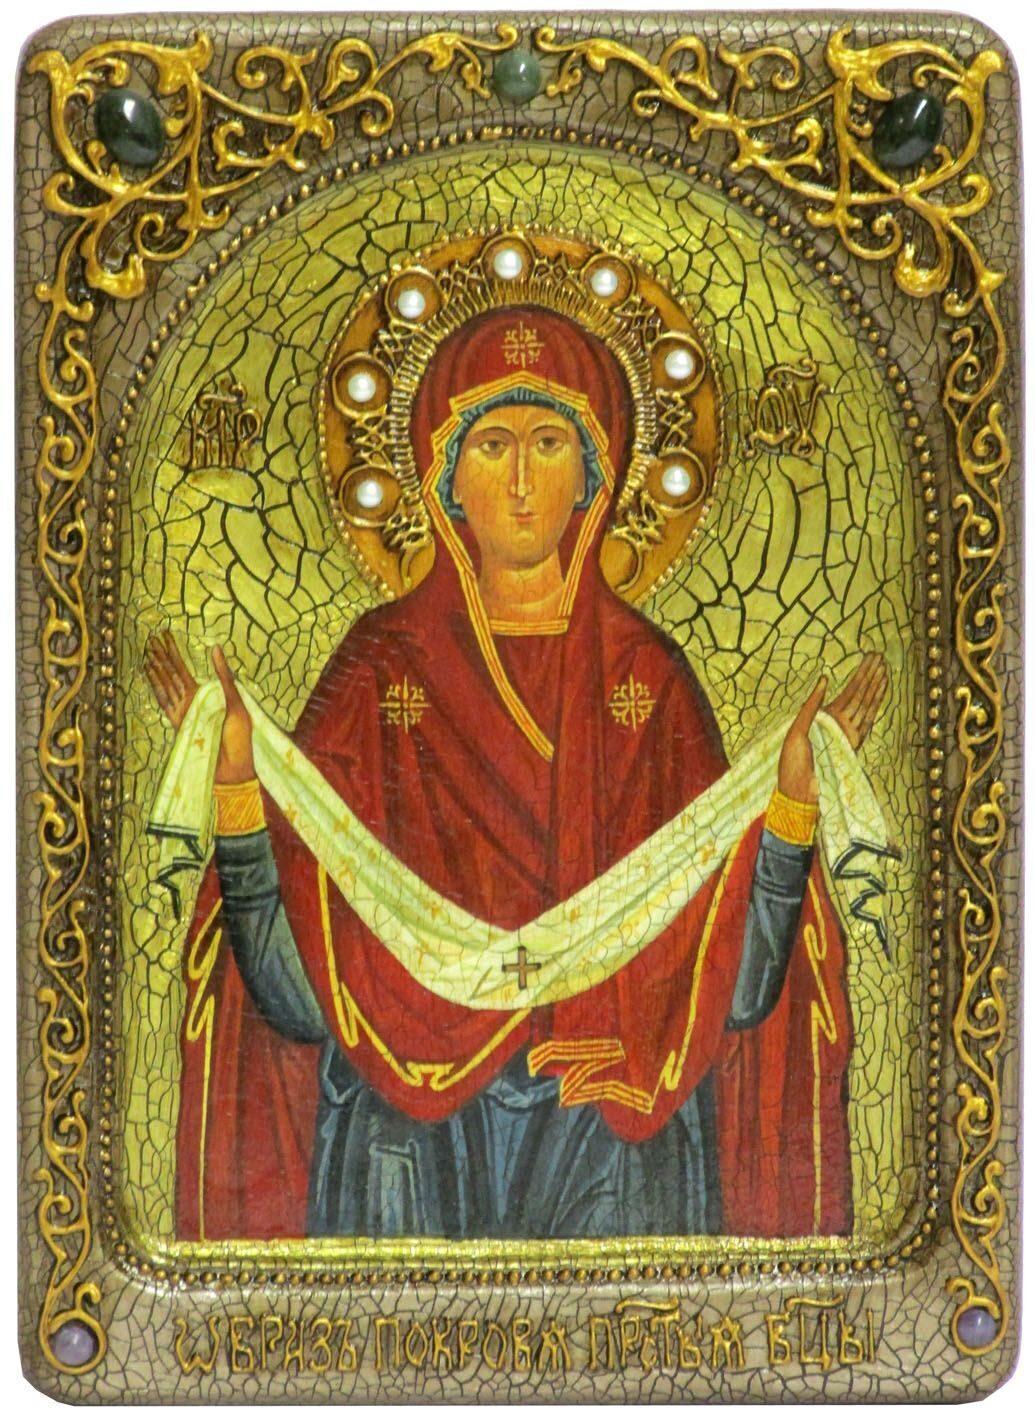 образом, образы богородицы покров в иконах фото вдруг ощутил дикое